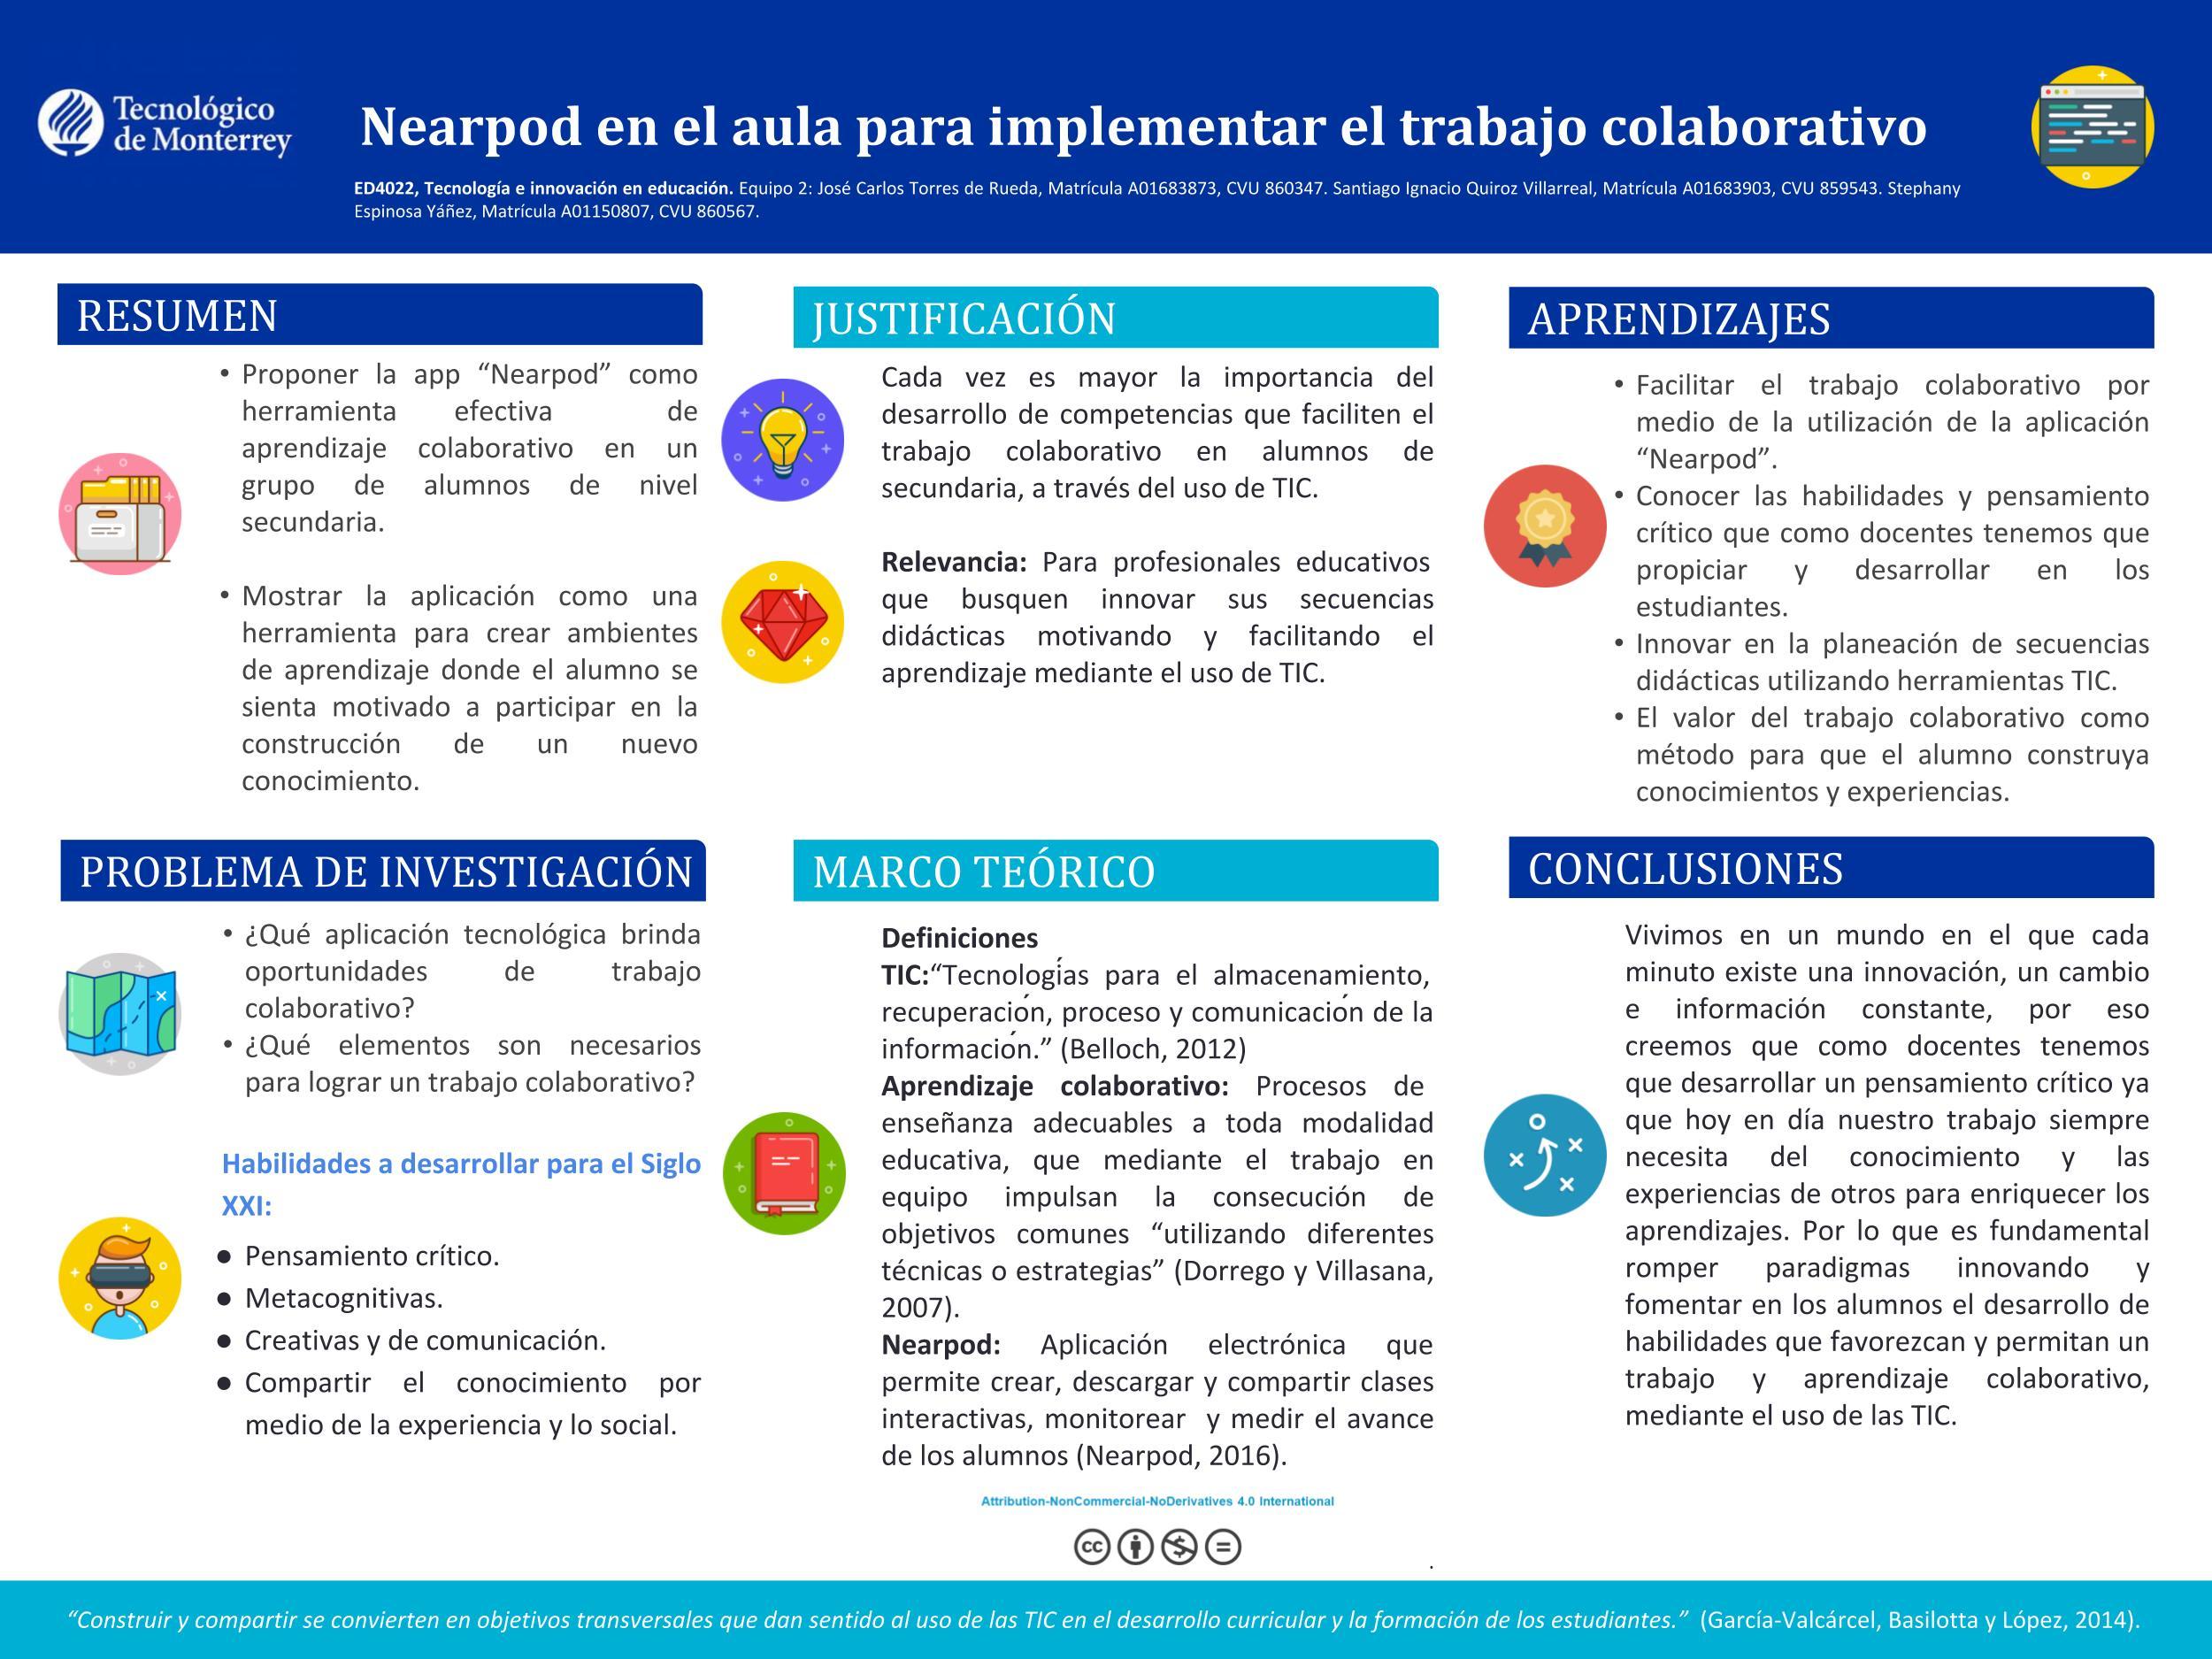 Nearpod en el aula para implementar el trabajo colaborativo